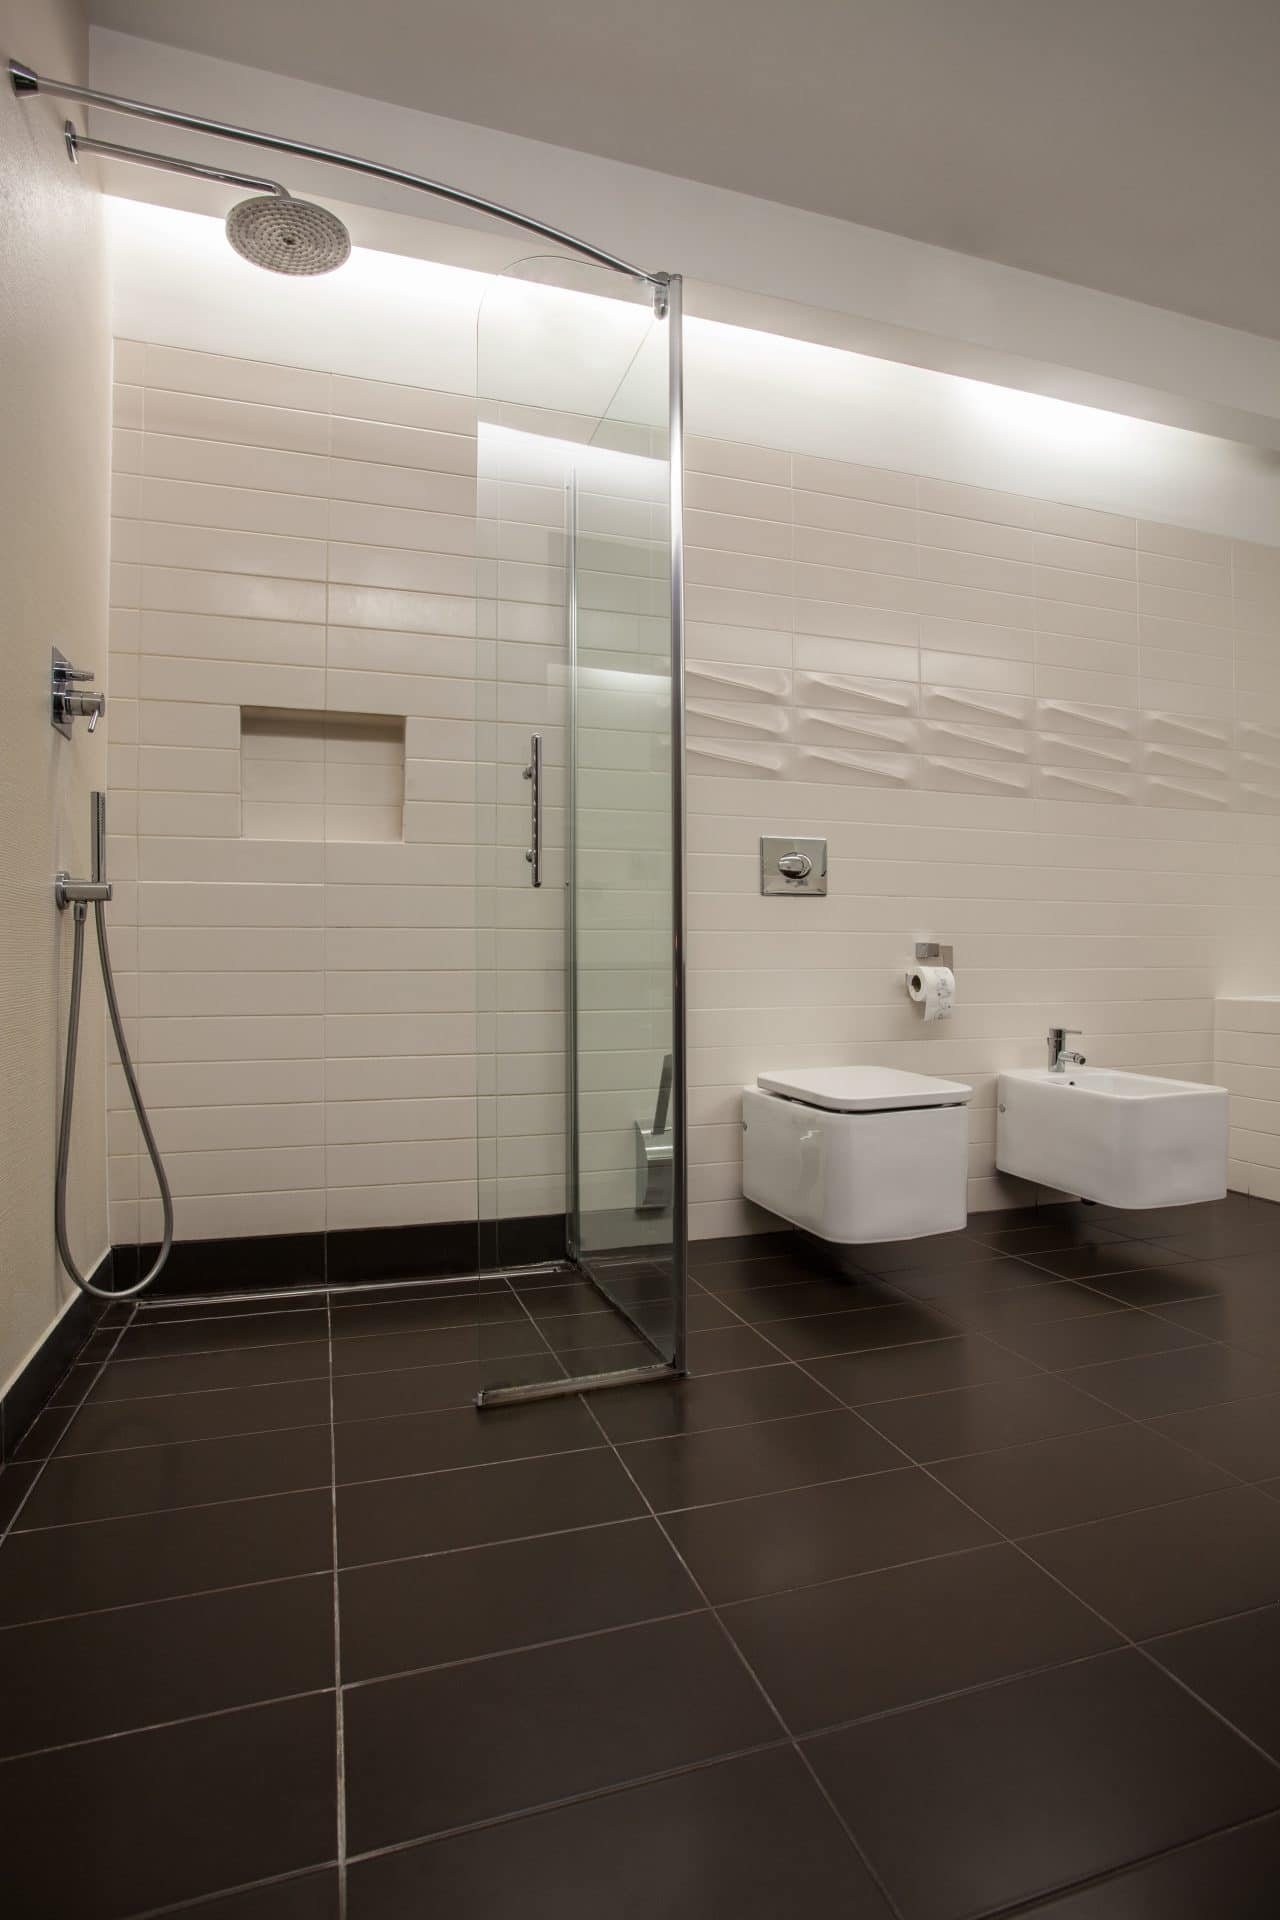 fourniture et pose paroi de douche sur mesure vitrerie. Black Bedroom Furniture Sets. Home Design Ideas